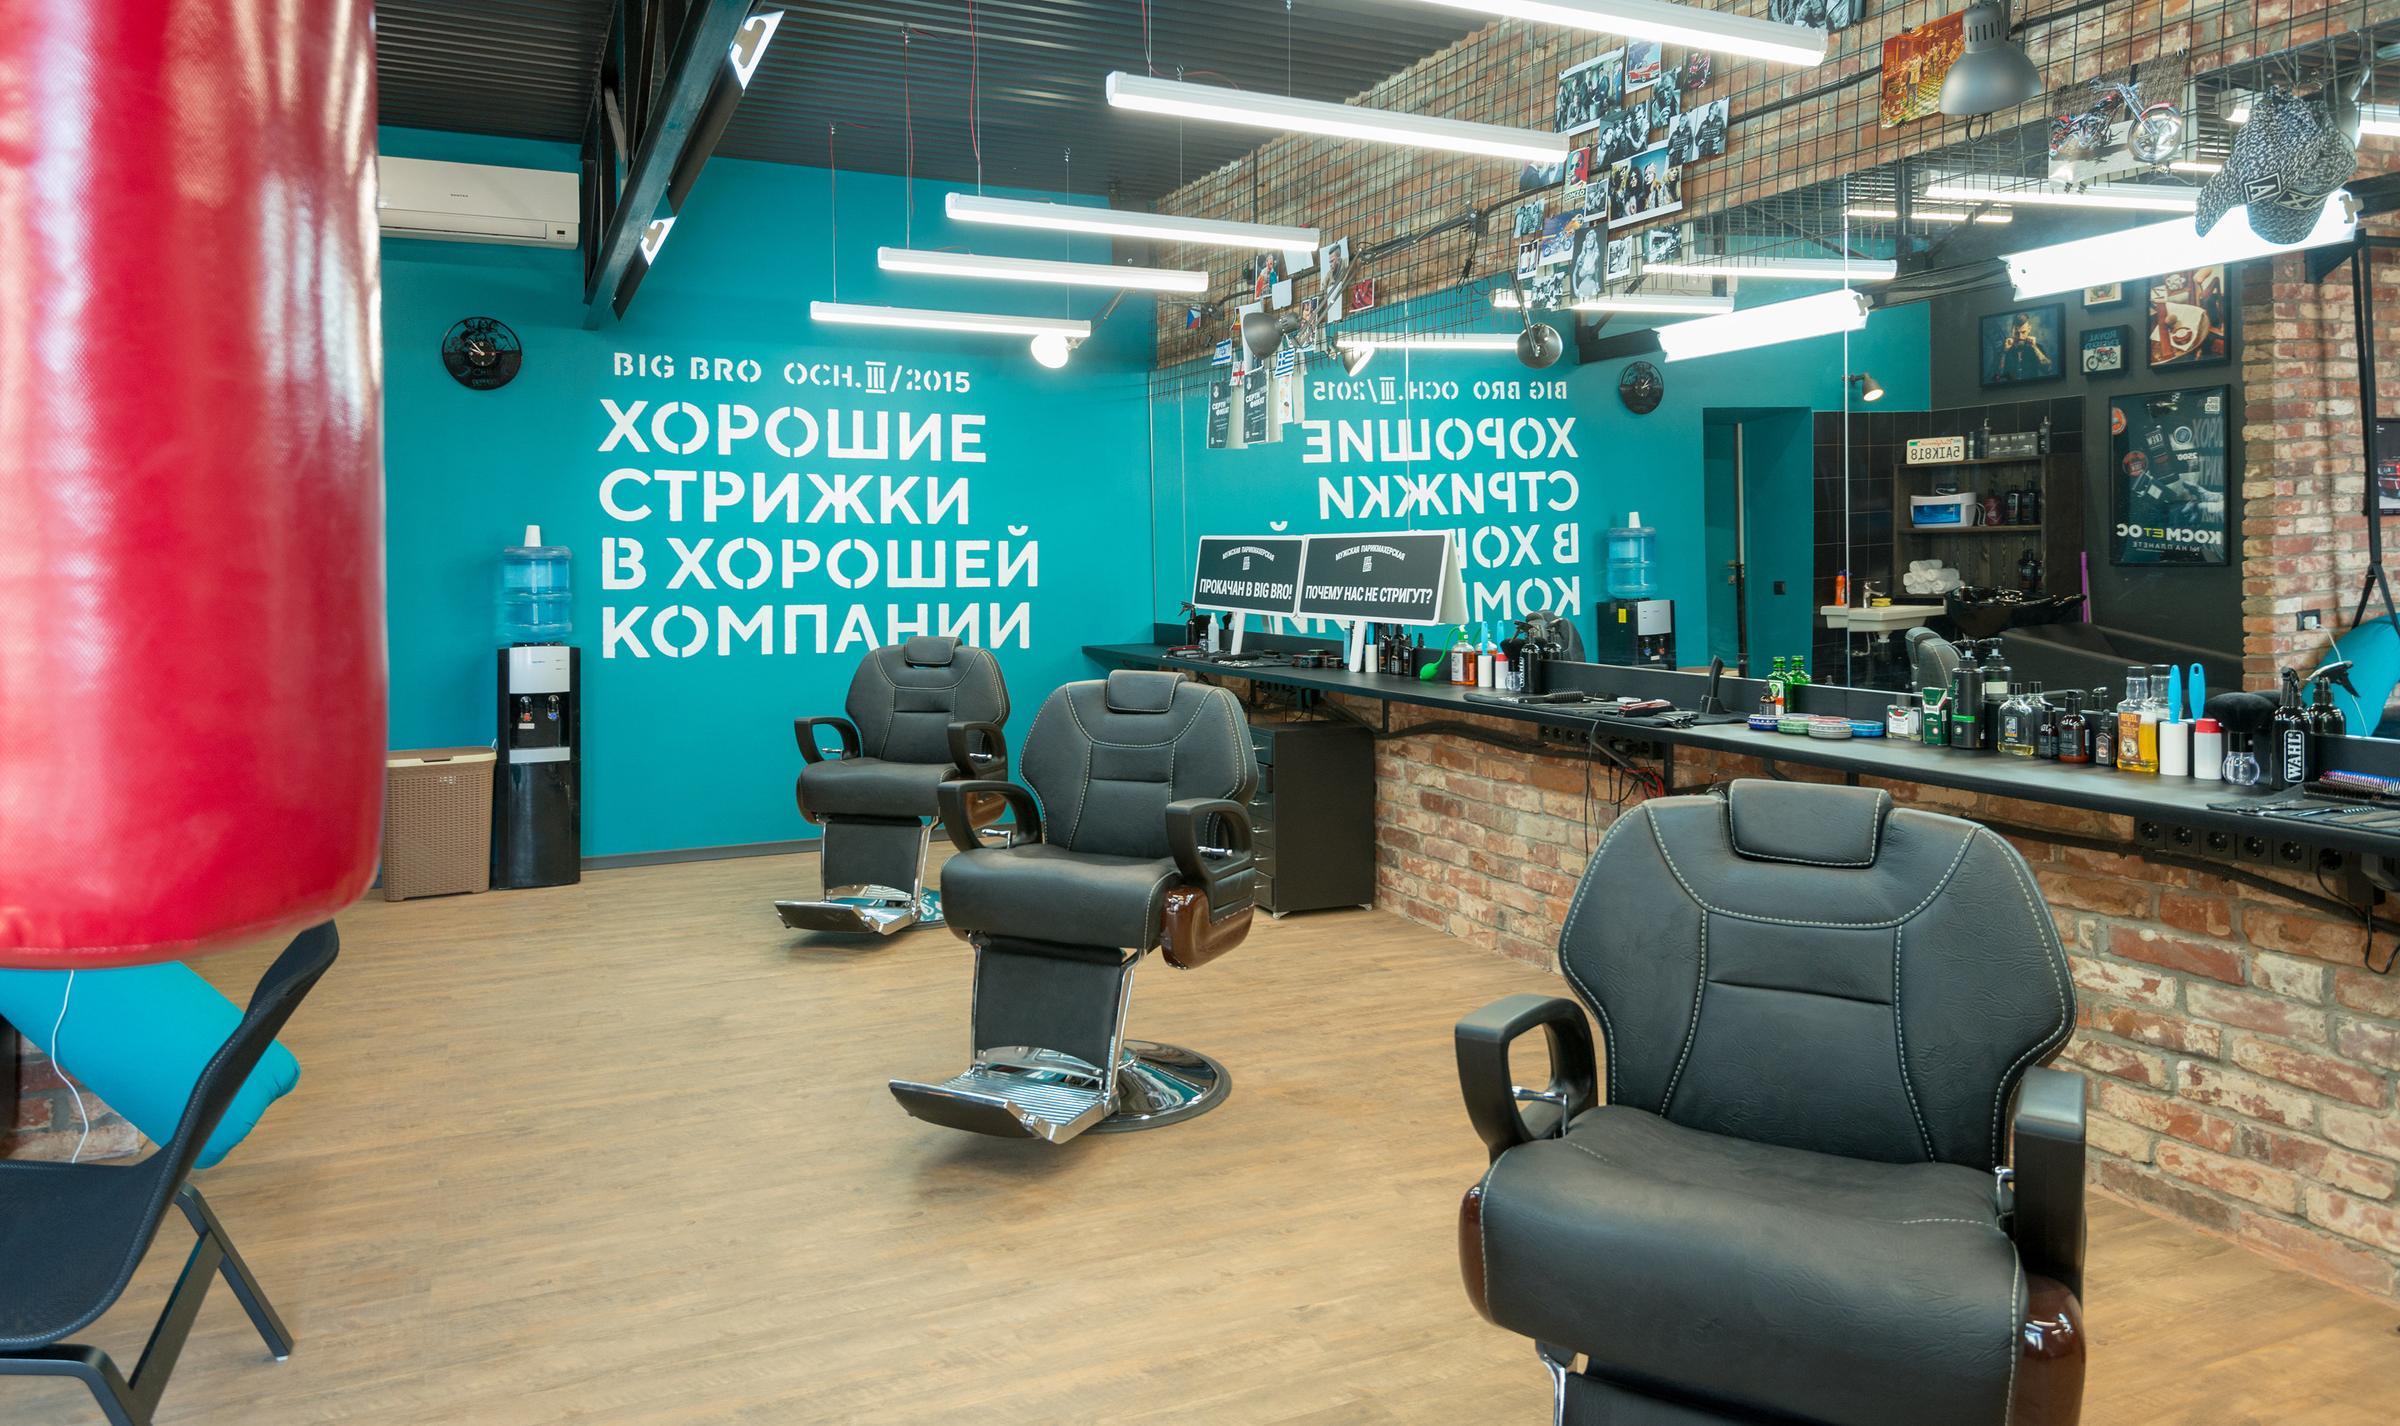 фотография Мужской парикмахерской Барбершоп Big Bro на Московской улице